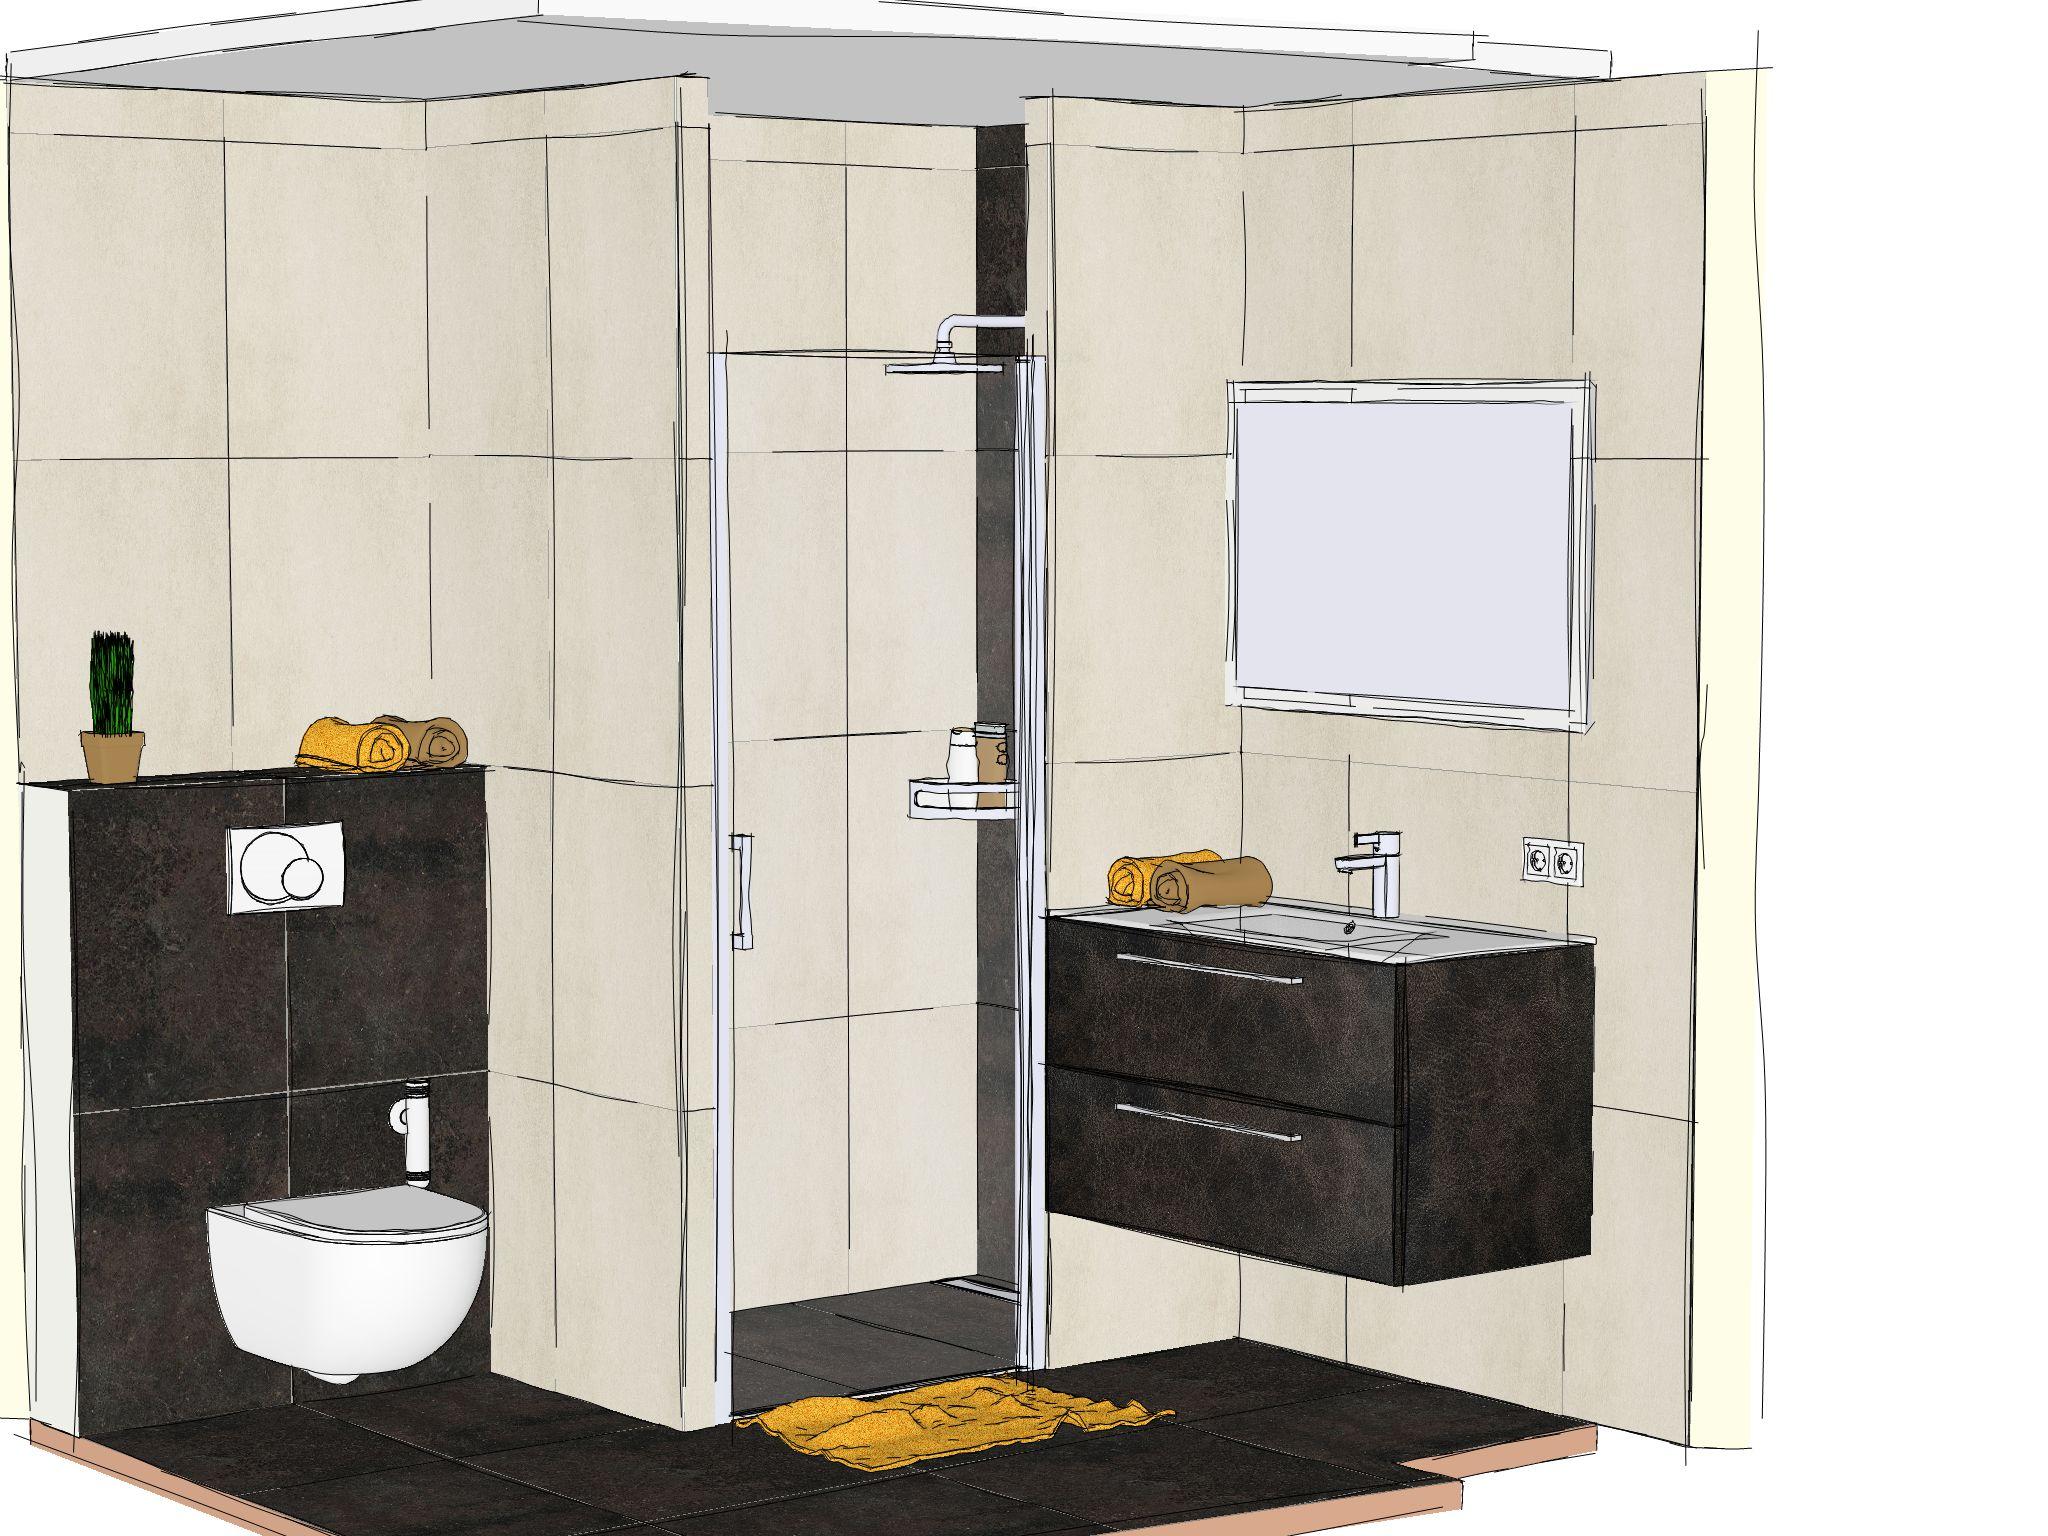 crayonné d'une salle de bain parentale réalisé par les équipes Bossard